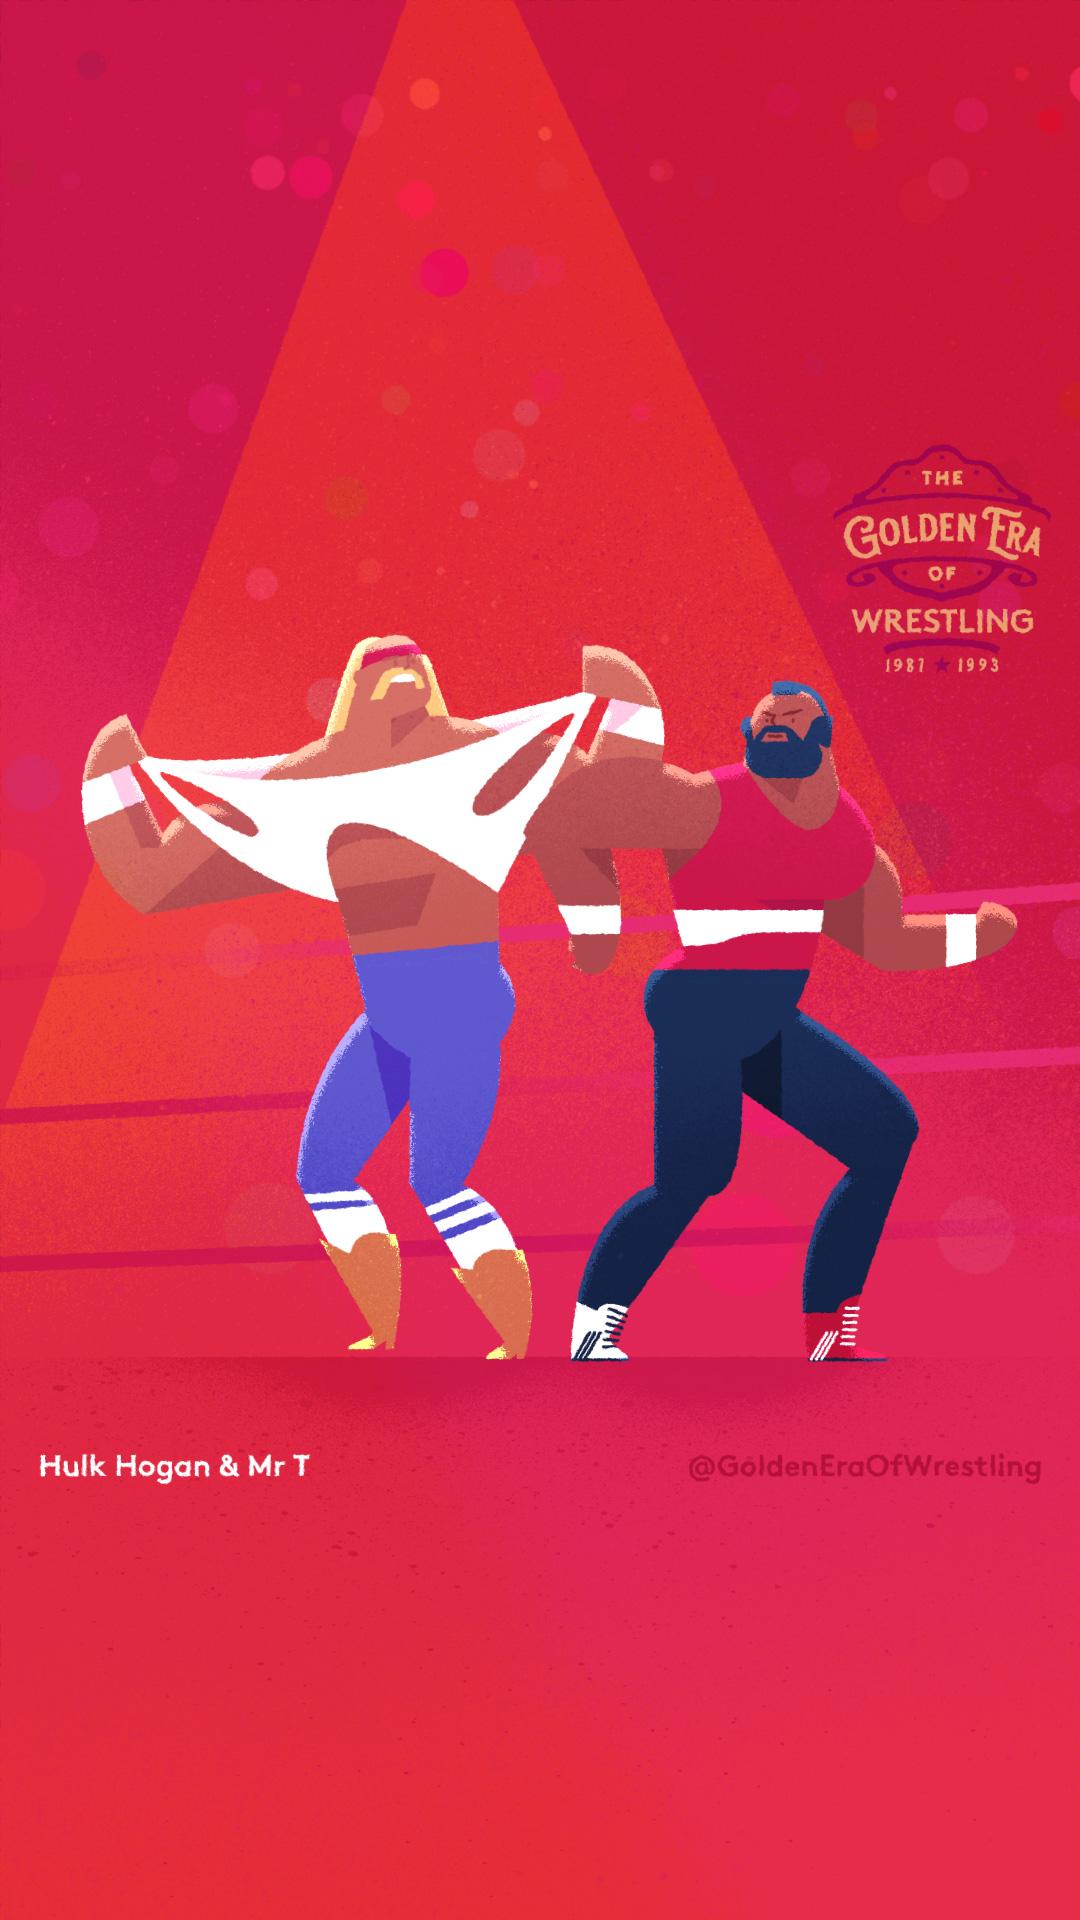 128 - Hulk Hogan & Mr T.jpg